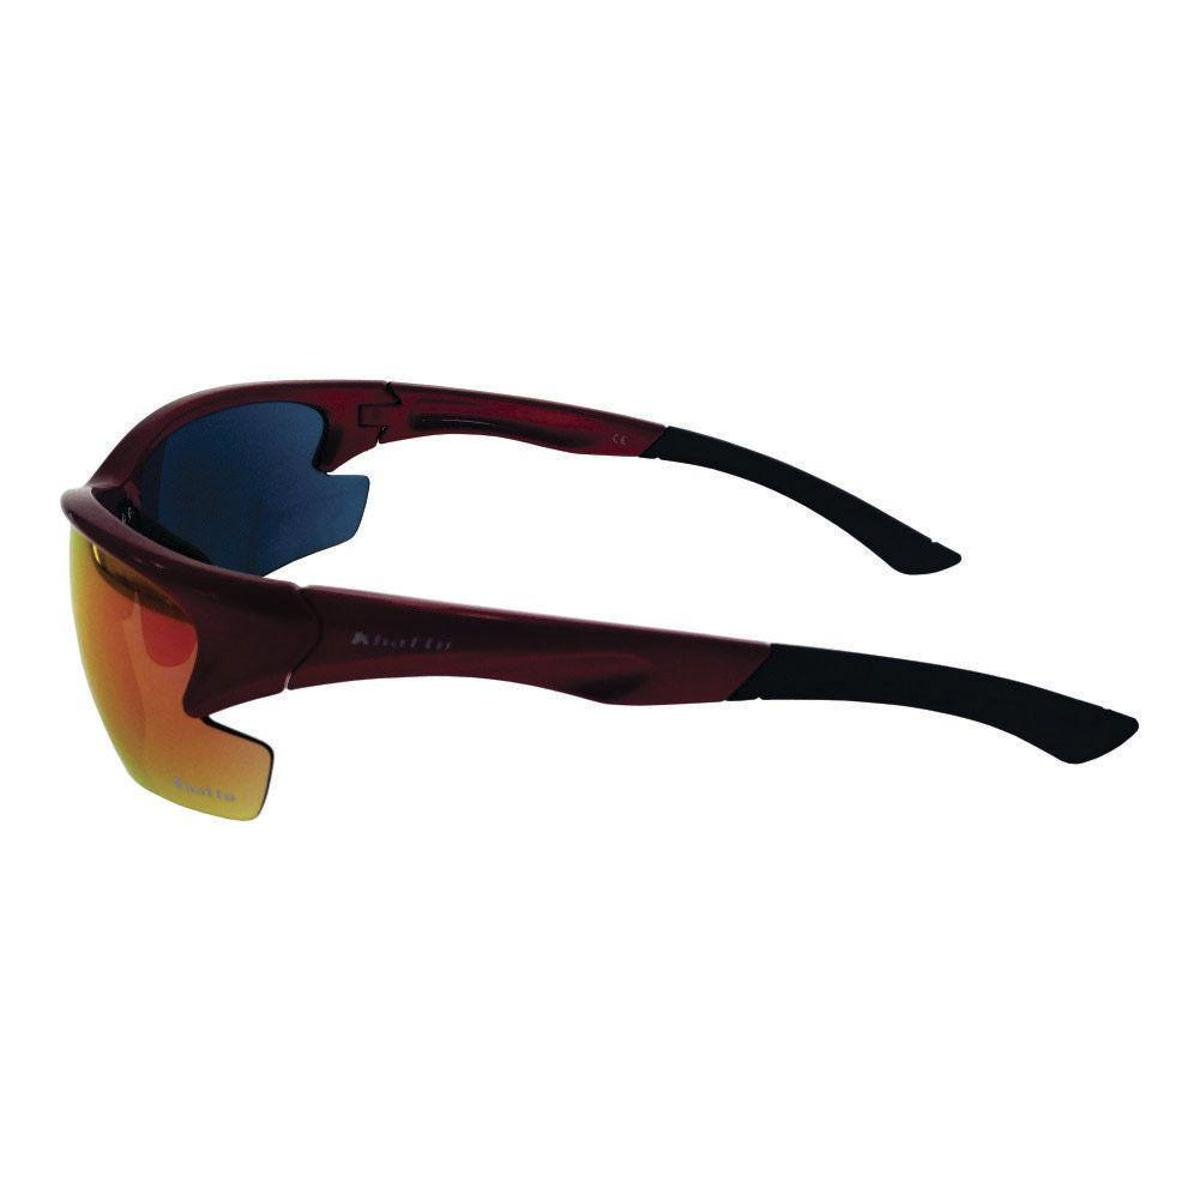 Óculos de Sol Khatto Esportivo Fast Masculino - Compre Agora   Zattini edc388dddf